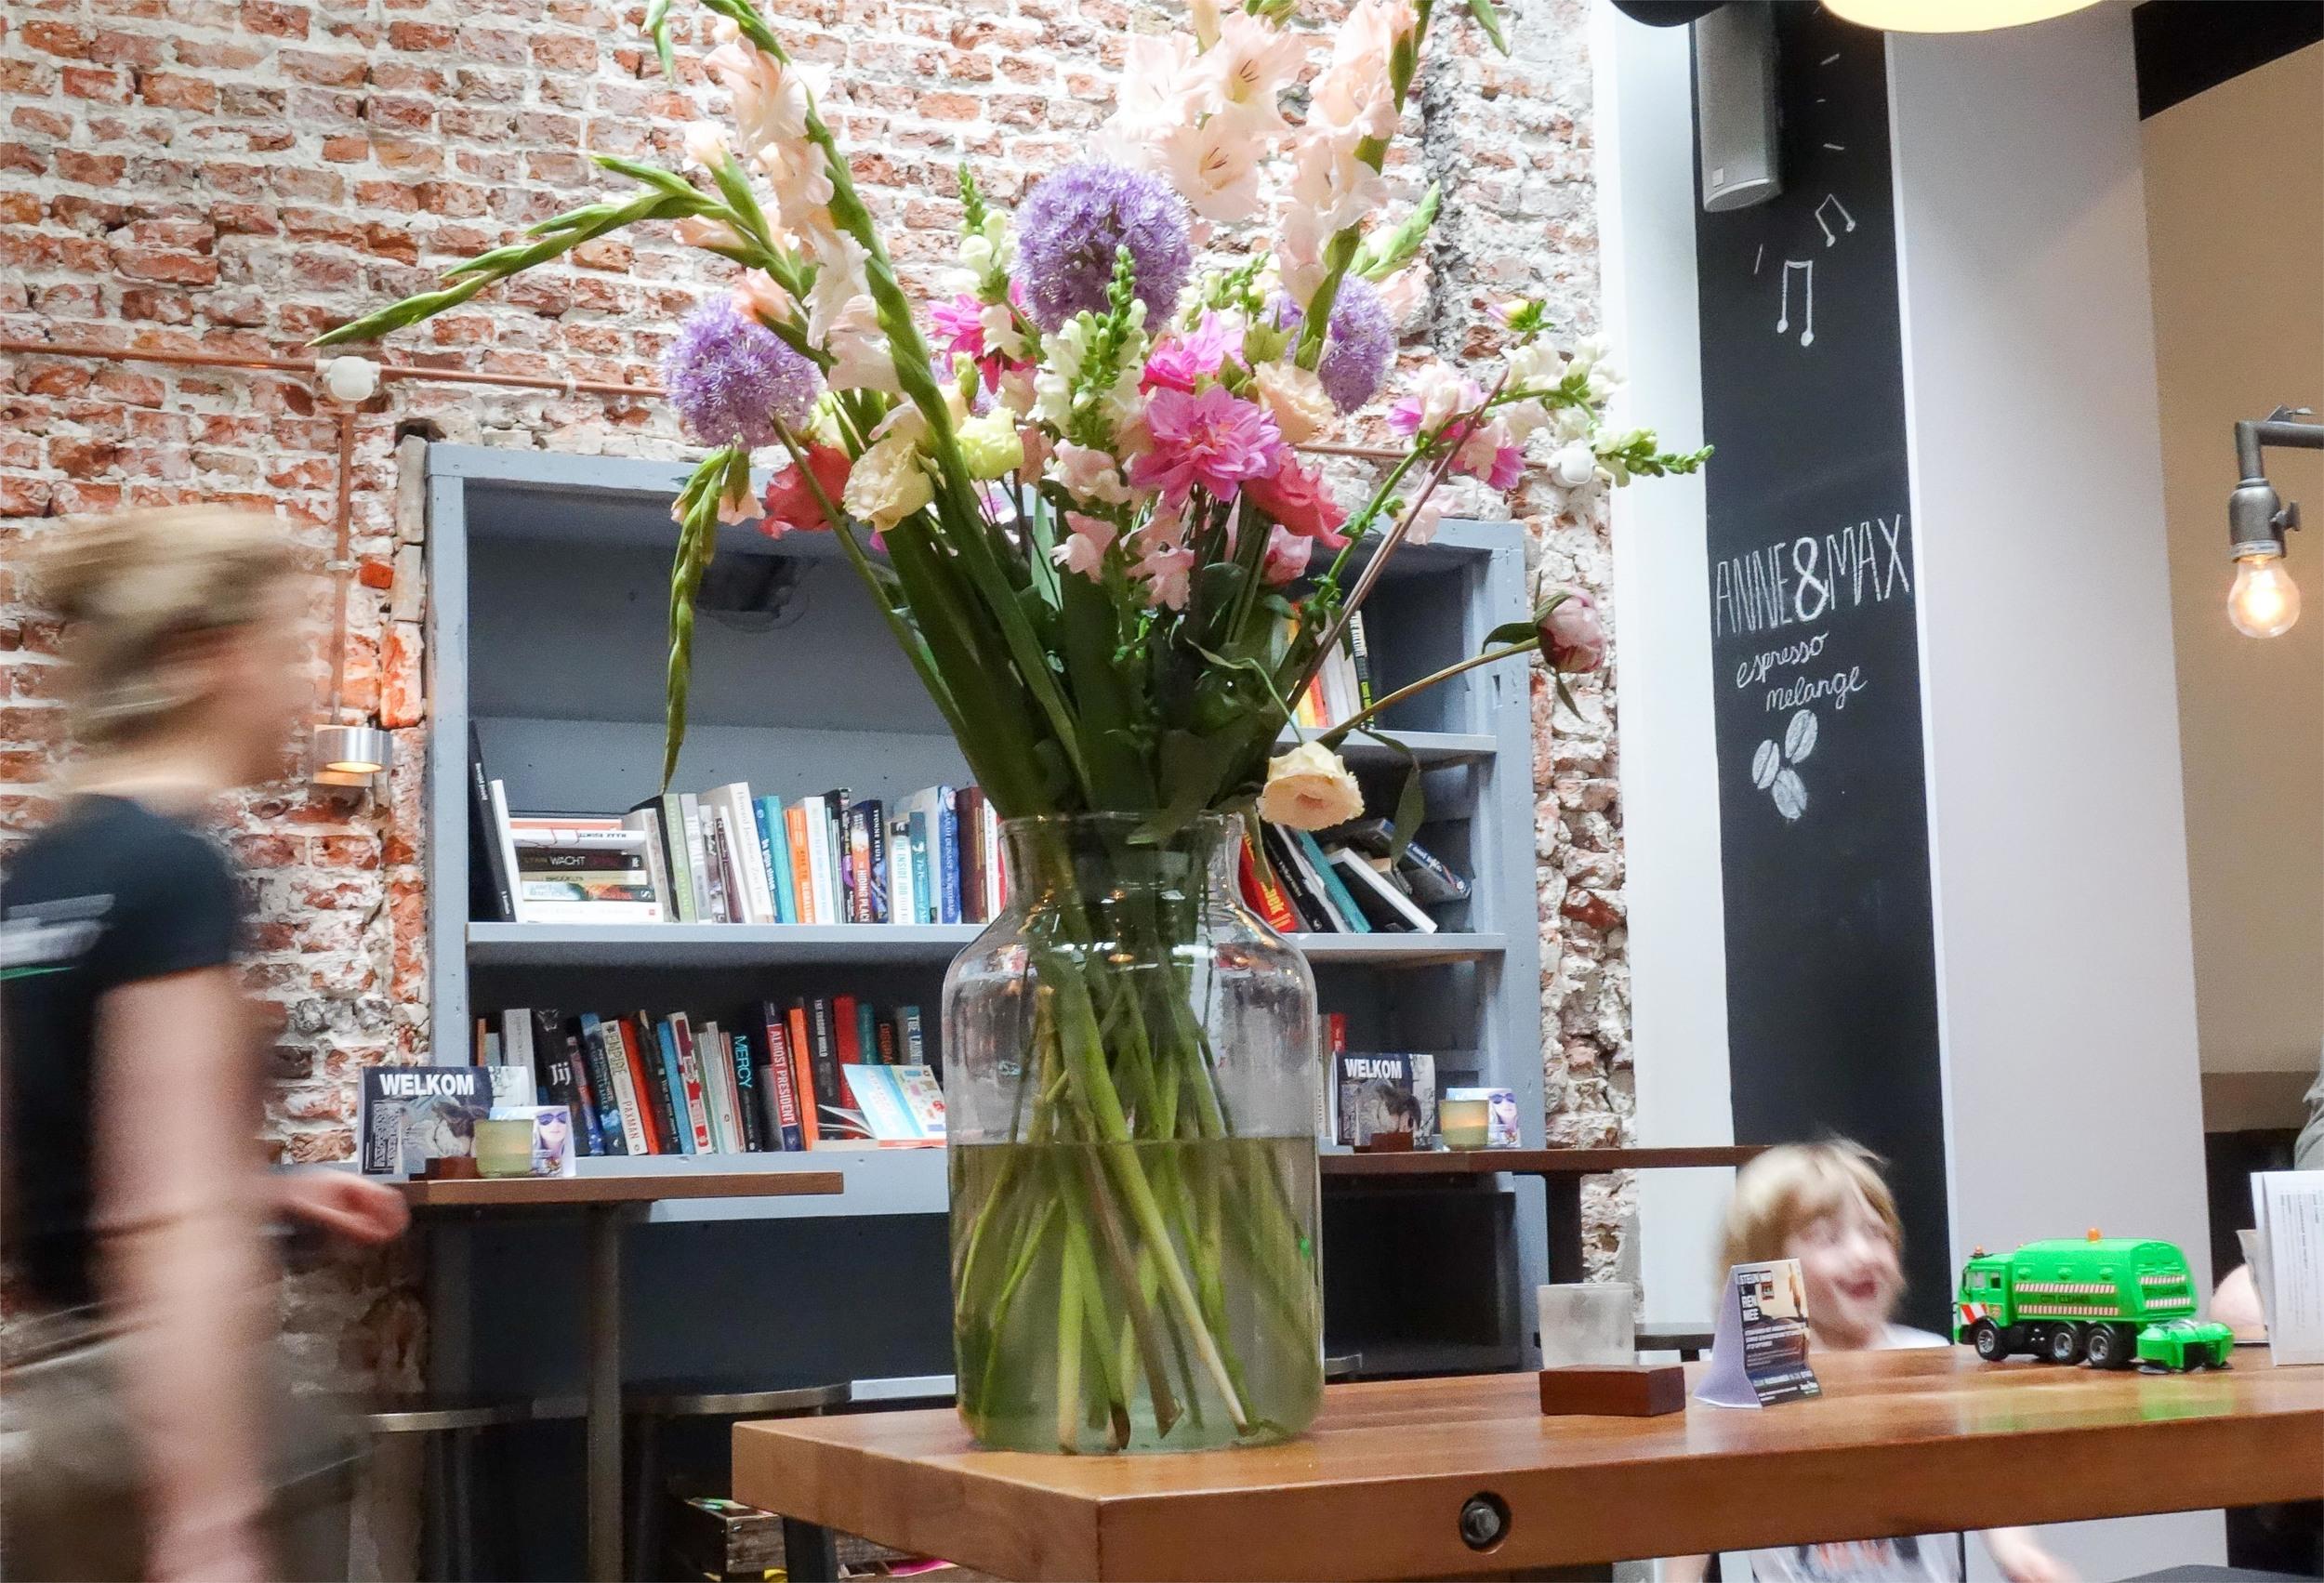 20150621_JudysBooksandBakery_Haarlem7.jpg